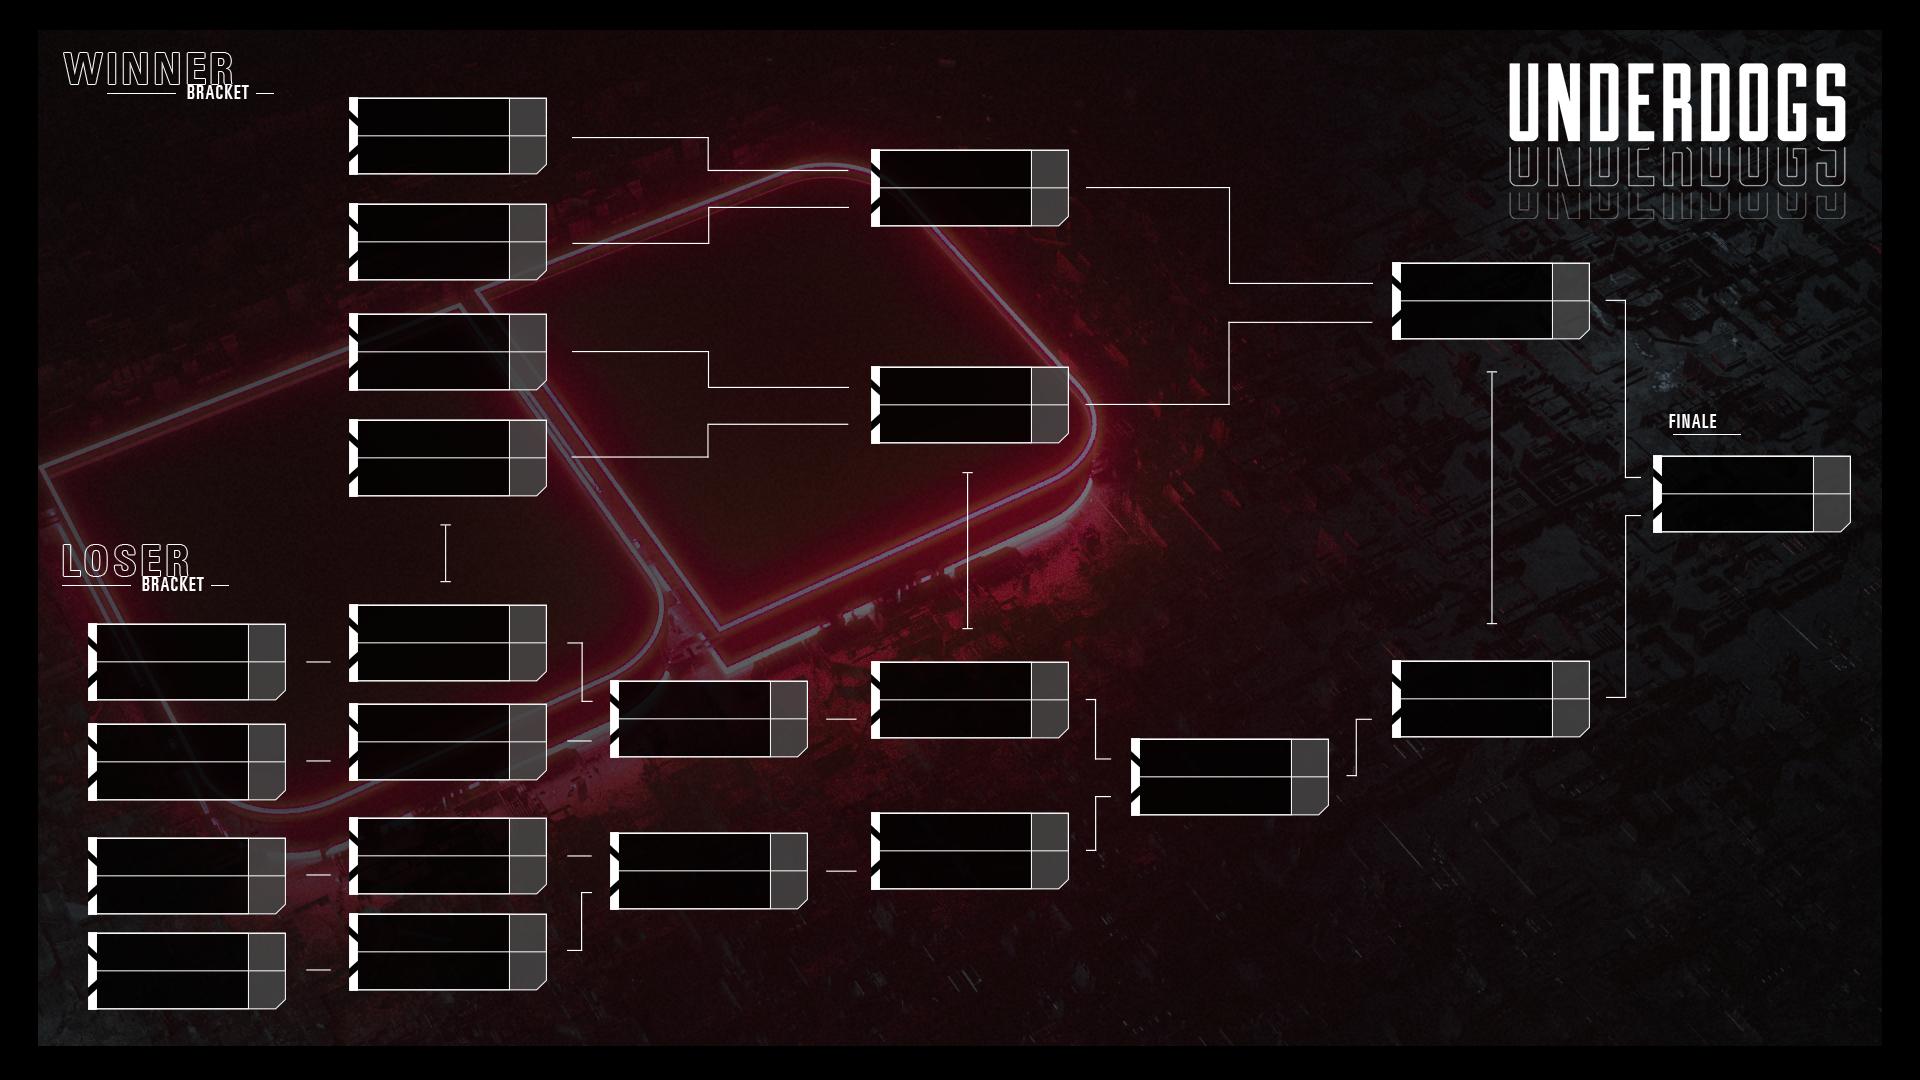 underdogs-format-2020-starcraft-II